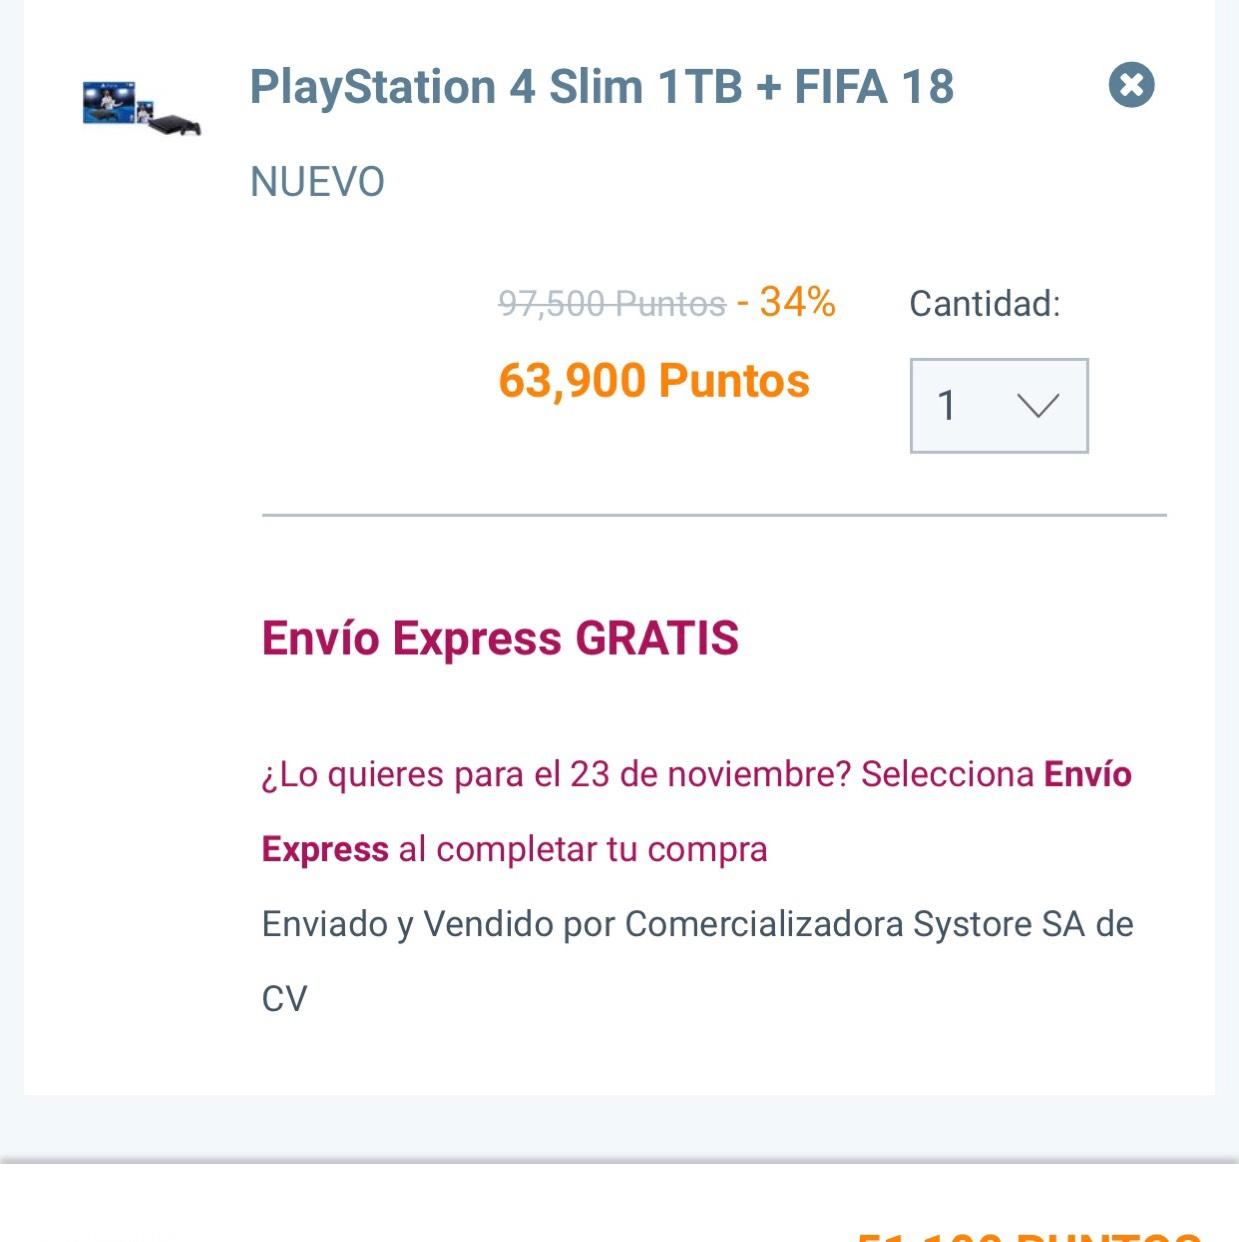 Ofertas Buen Fin 2017 Club Premier: PS4 Slim + FIFA 2018 + Envió gratis 51,100 Puntos Premier